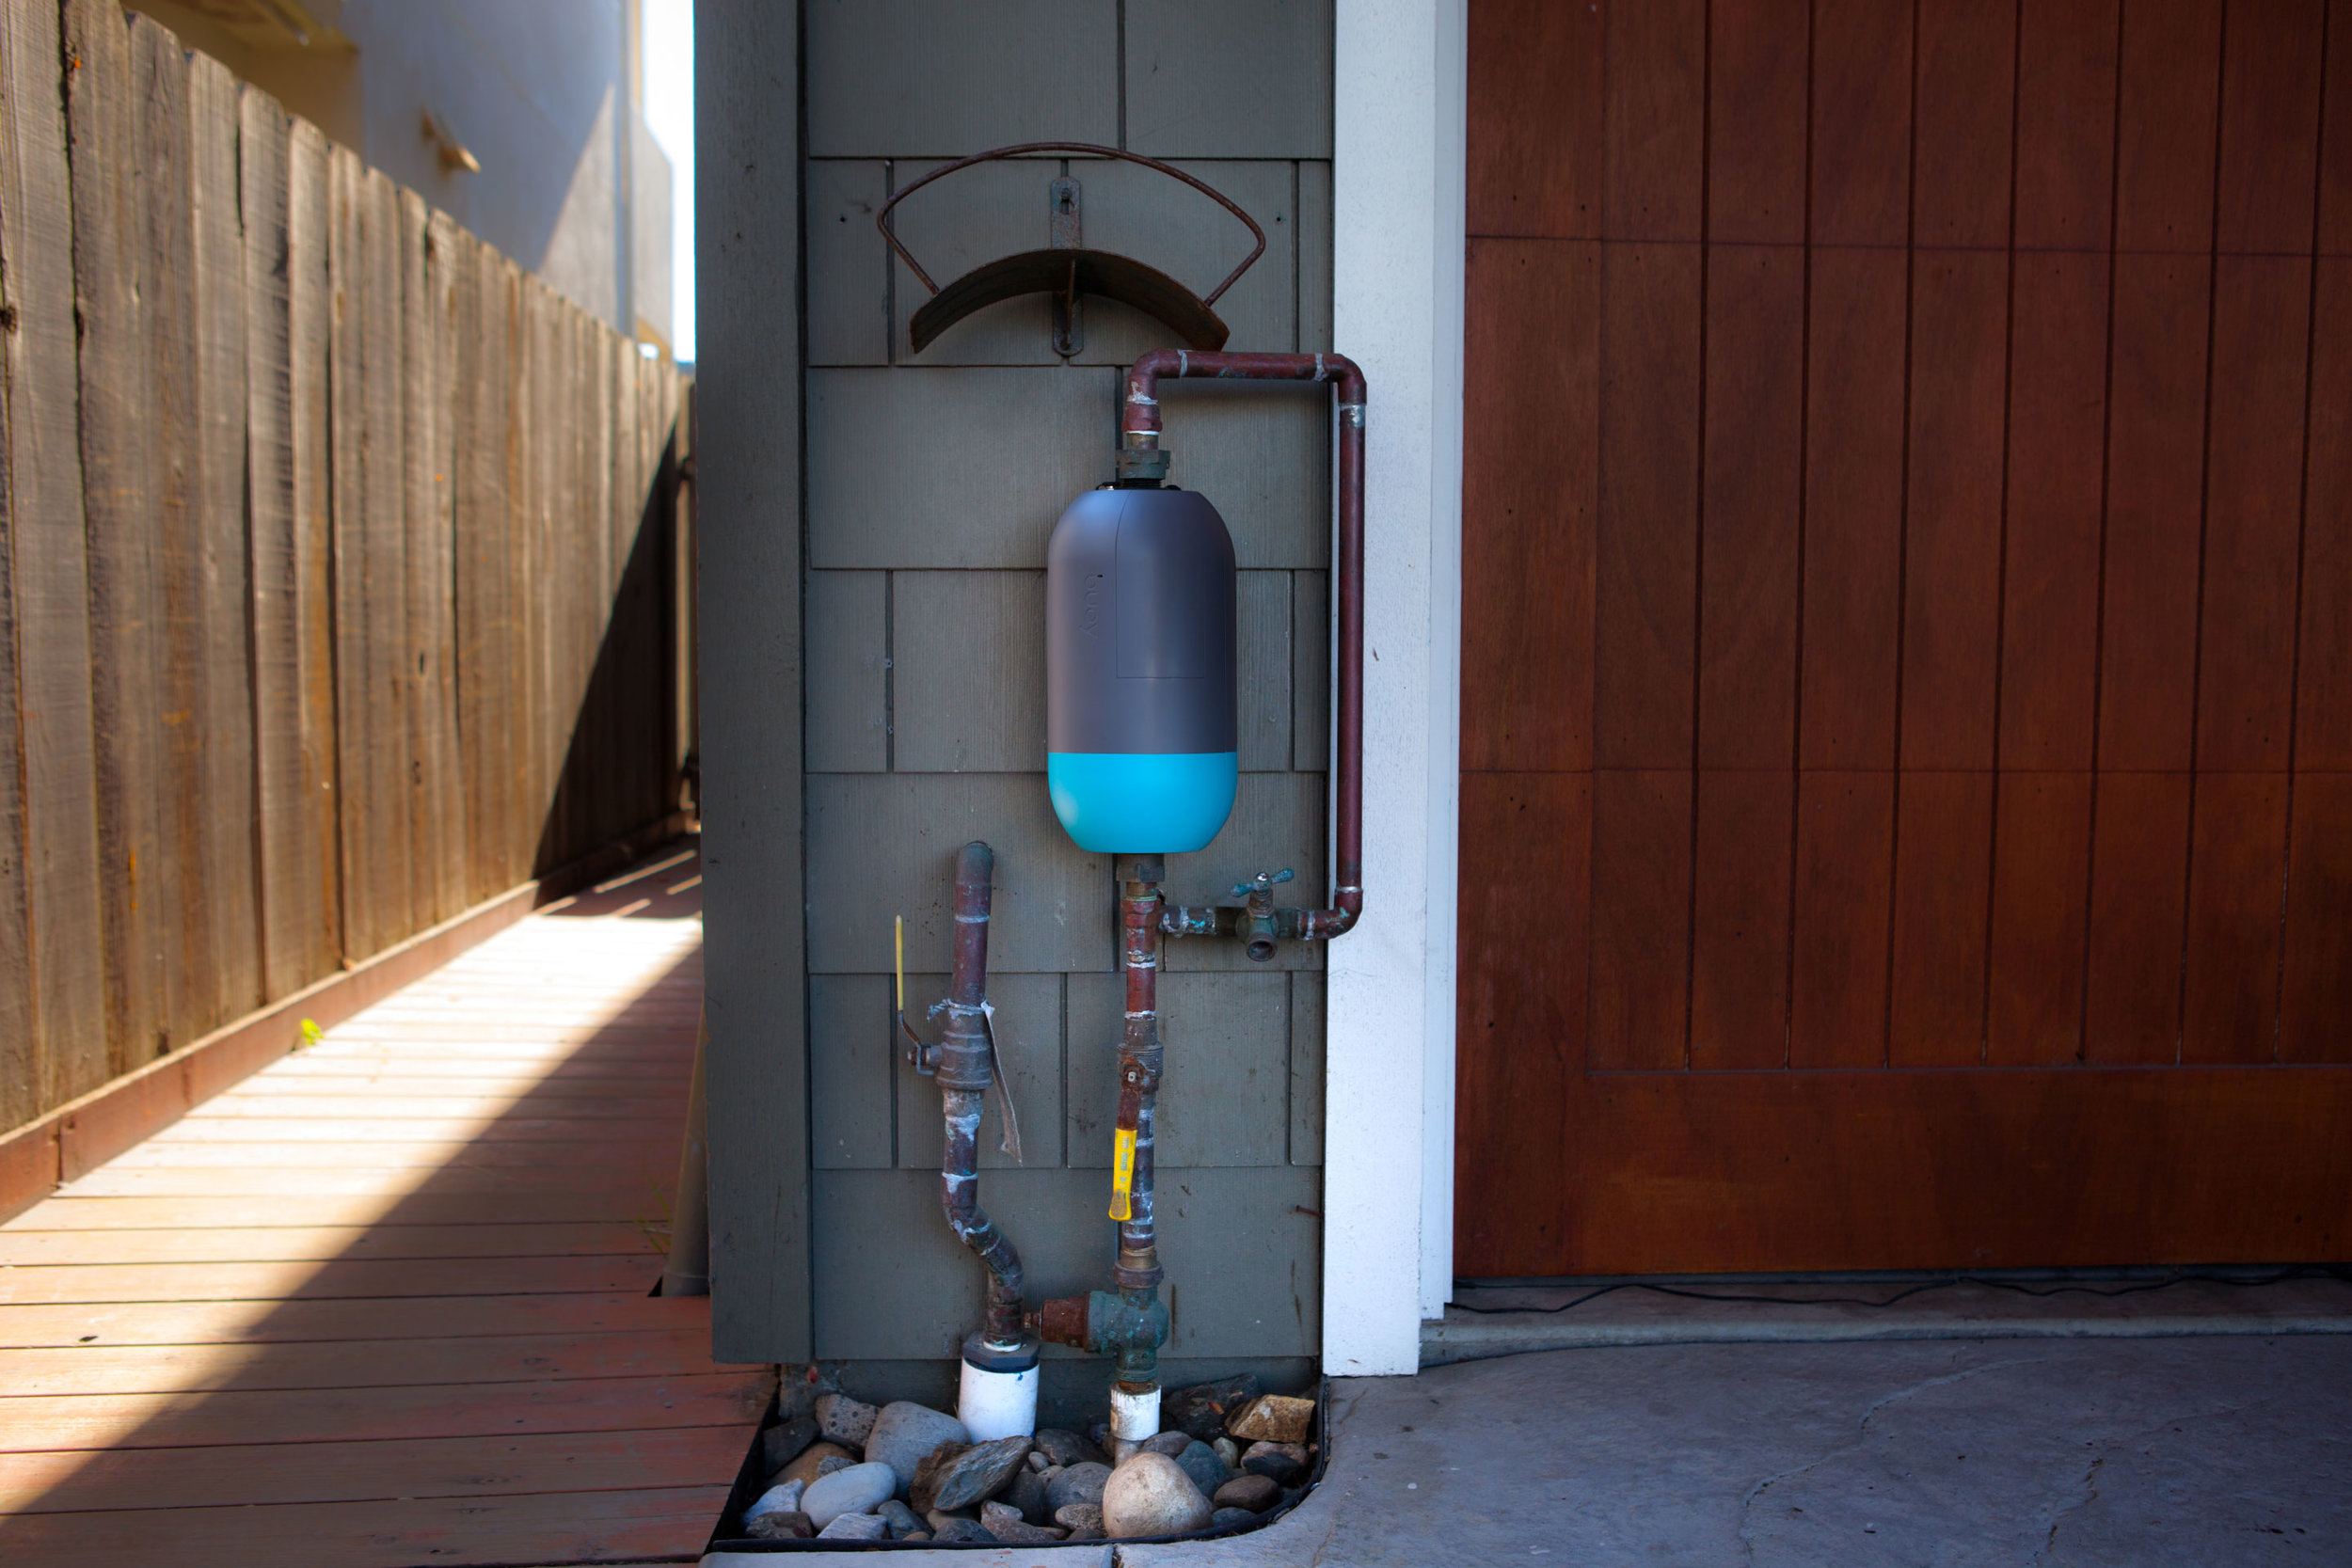 buoy-install-vertical.jpg